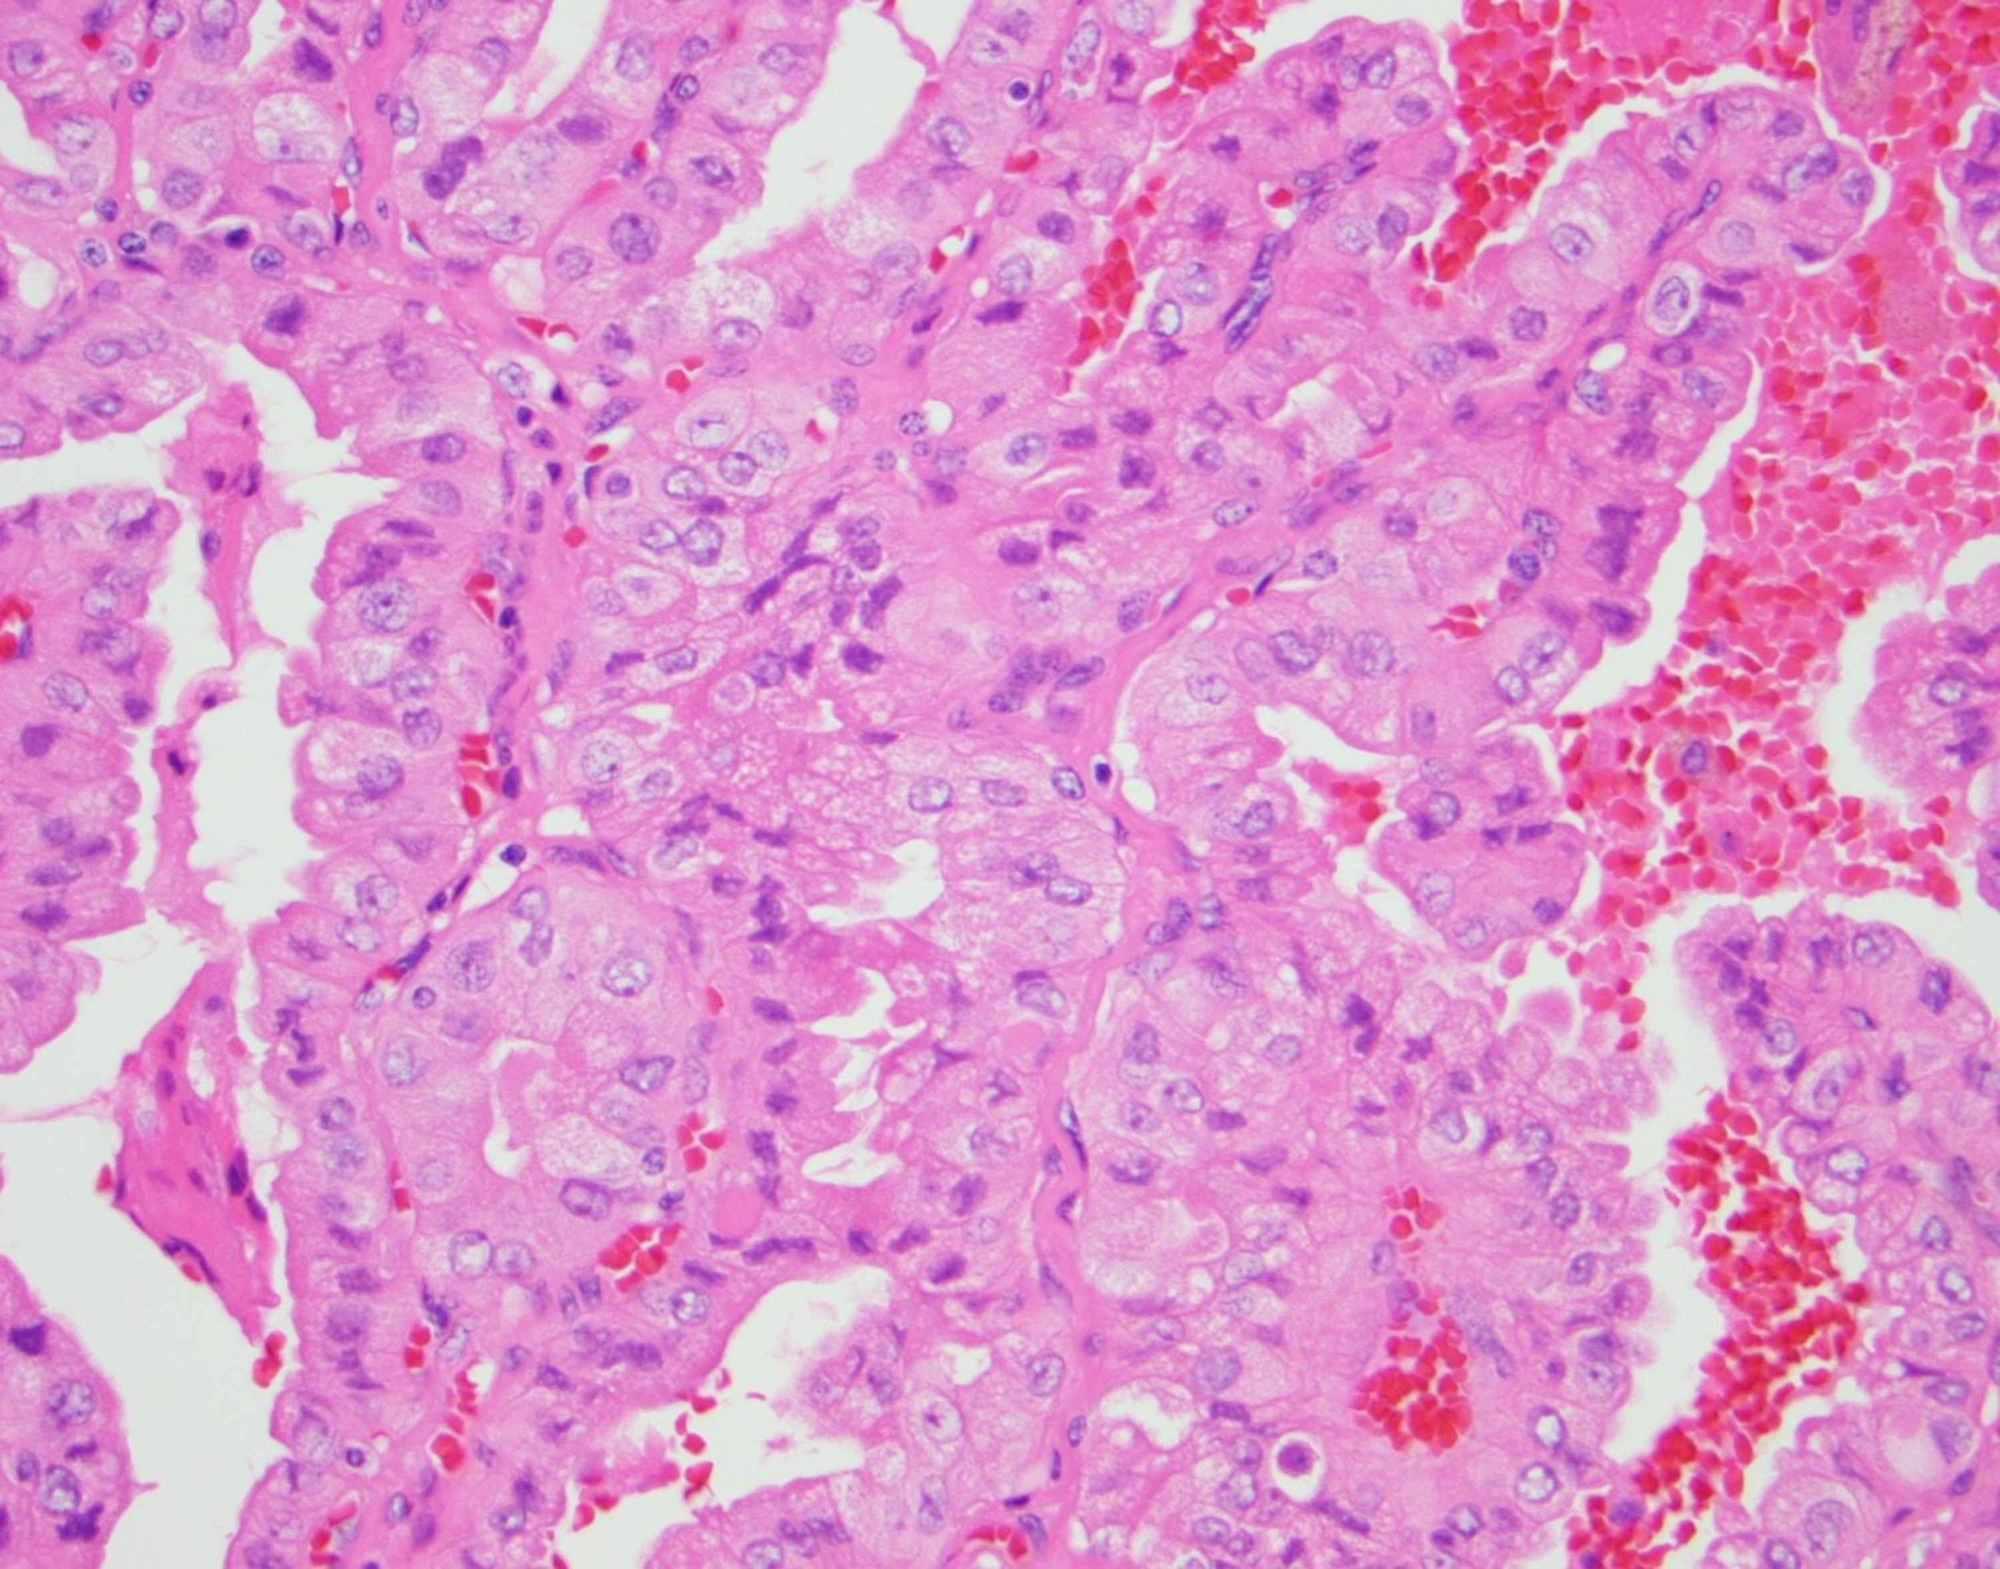 papillomavirus positif que faire vindecare cancer miere